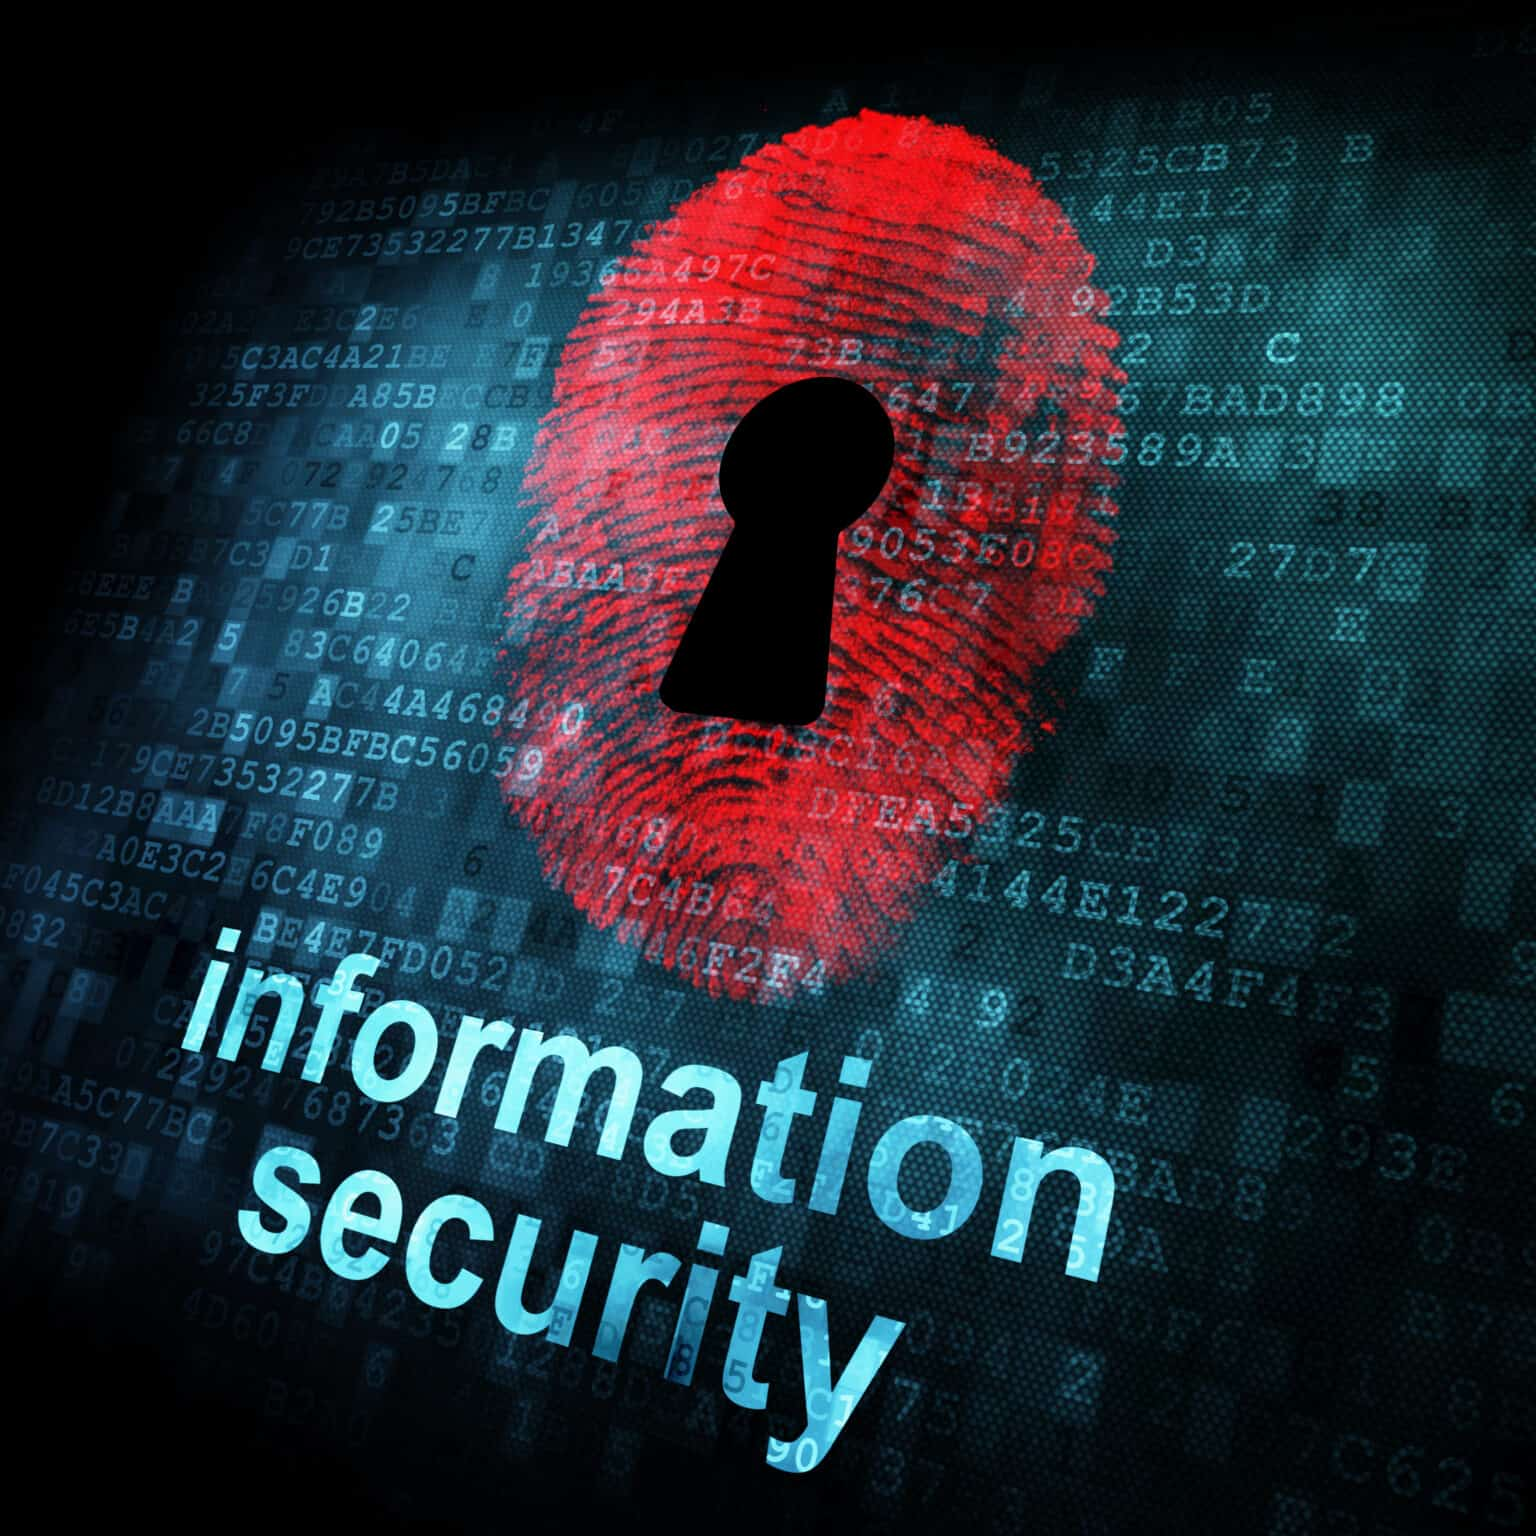 Fingerprint and information security on digital screen, 3d render